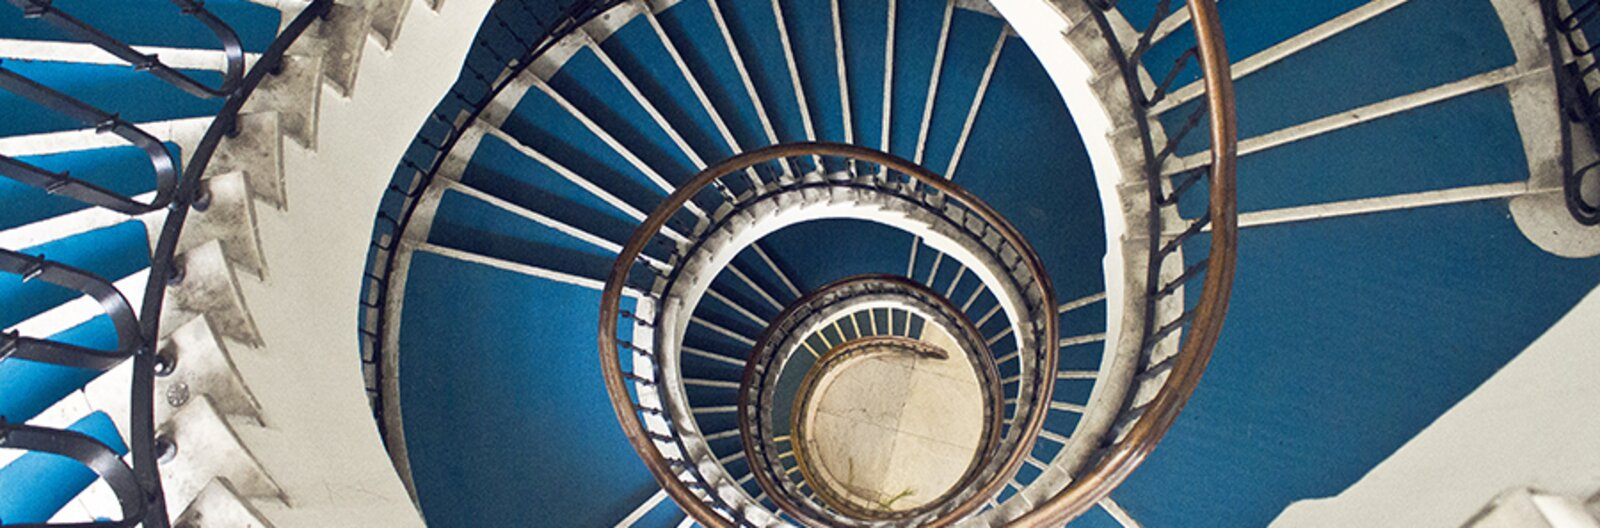 Budapesti lépcsőházak - első rész